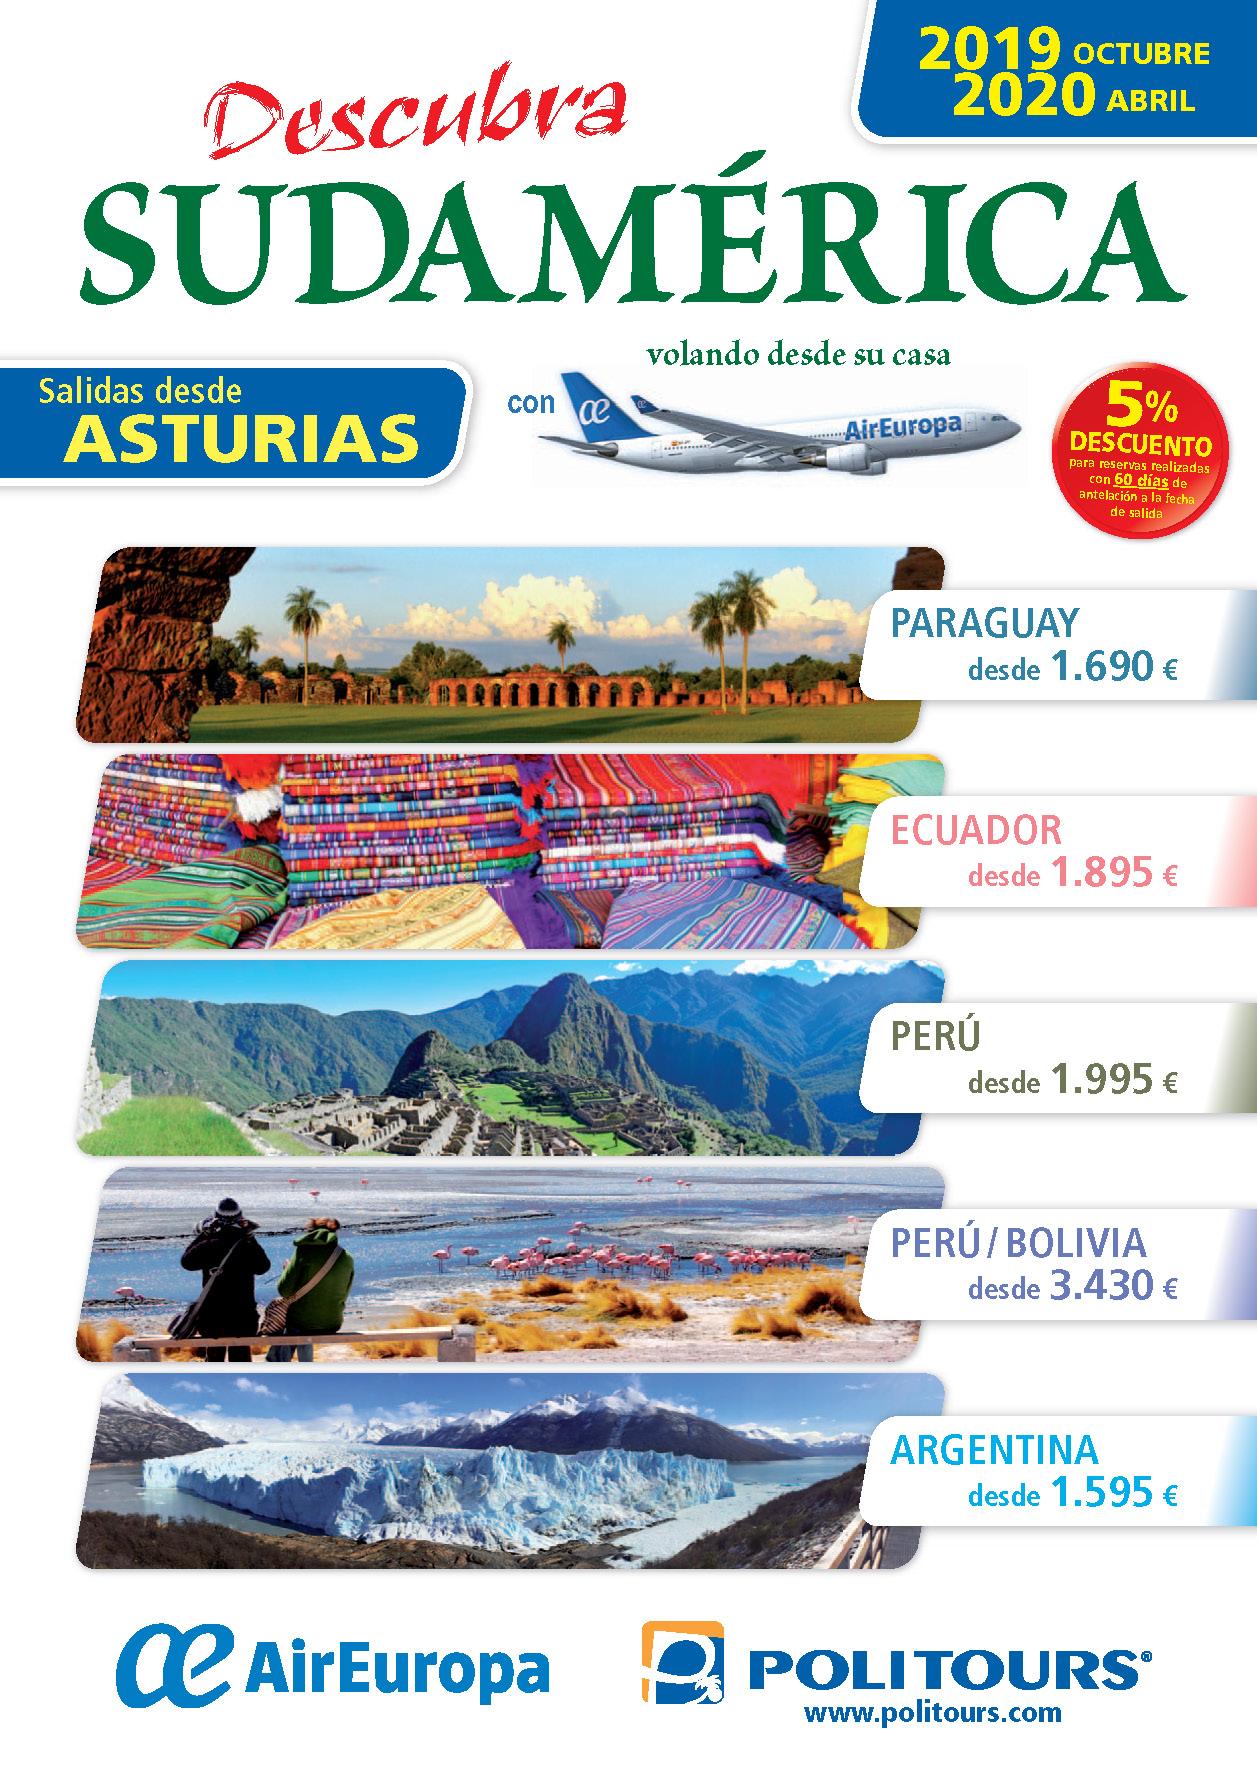 Catalogo Politours Sudamerica desde Asturias 2019-2020